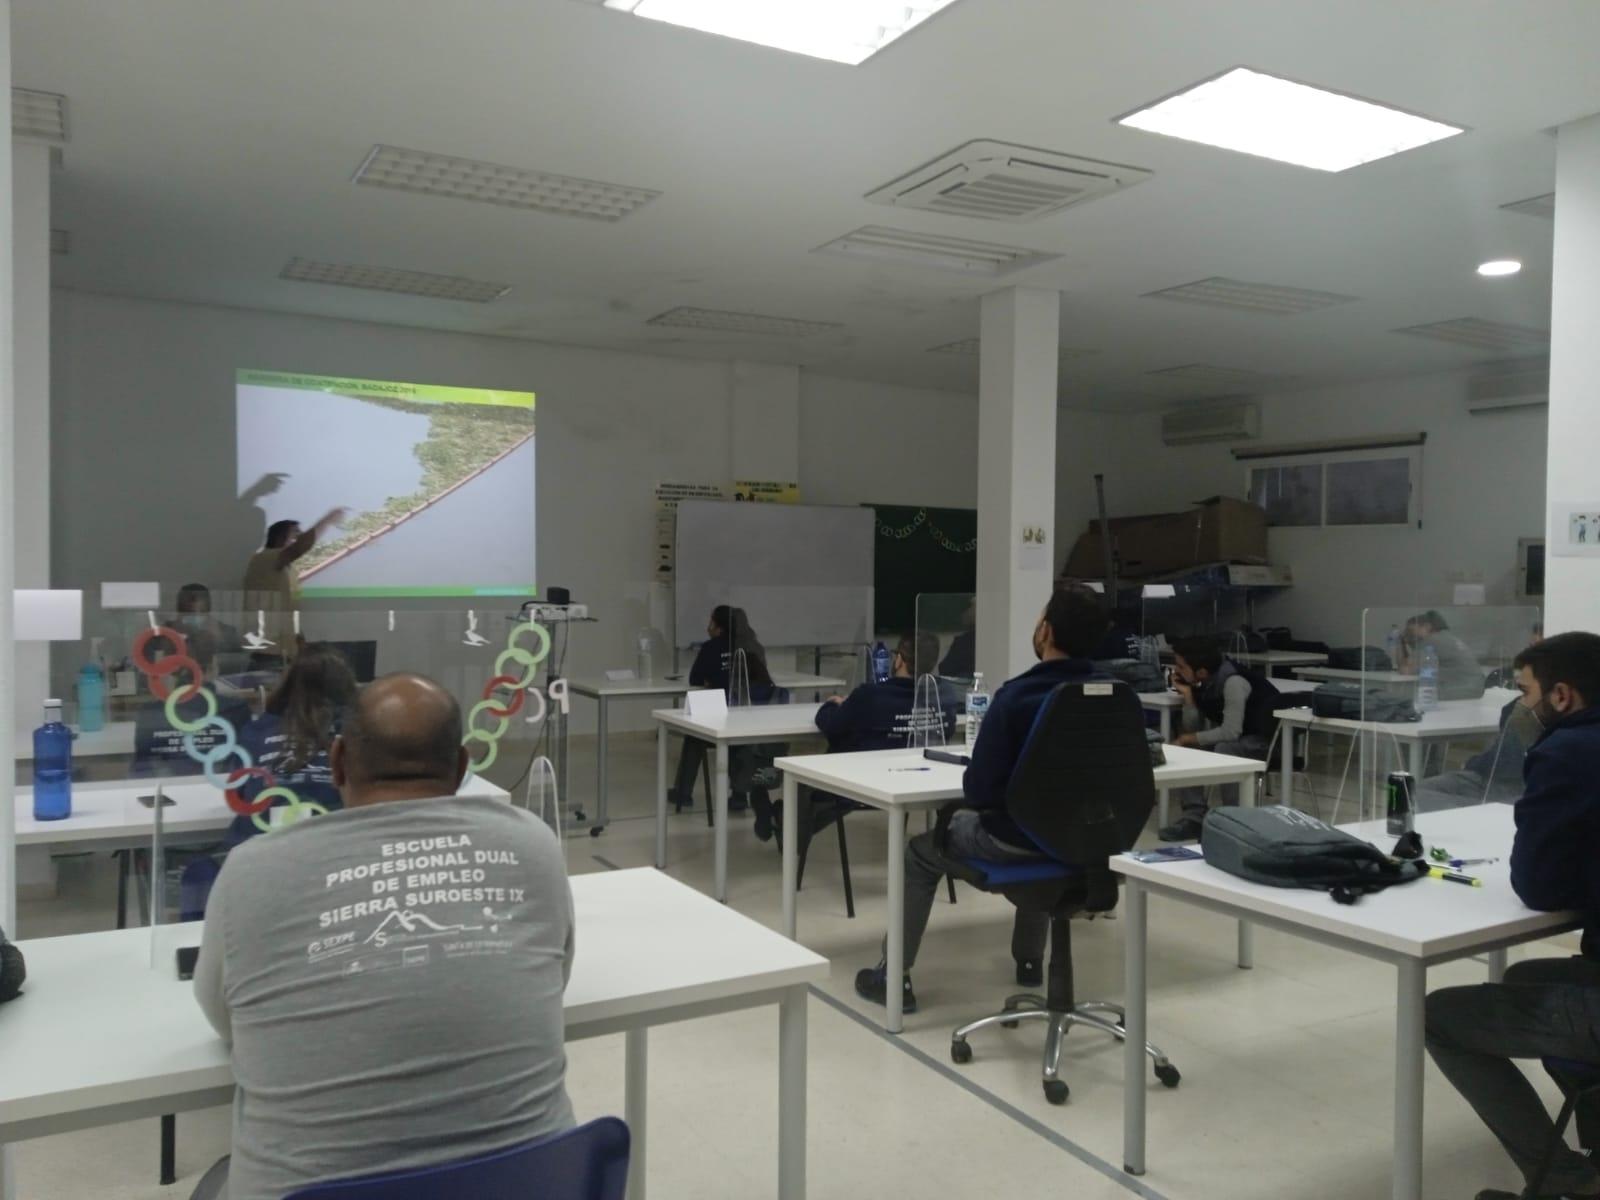 El alumnado de los cursos de la Escuela Profesional Dual Sierra Suroeste IX reciben un módulo de sensibilización ambiental